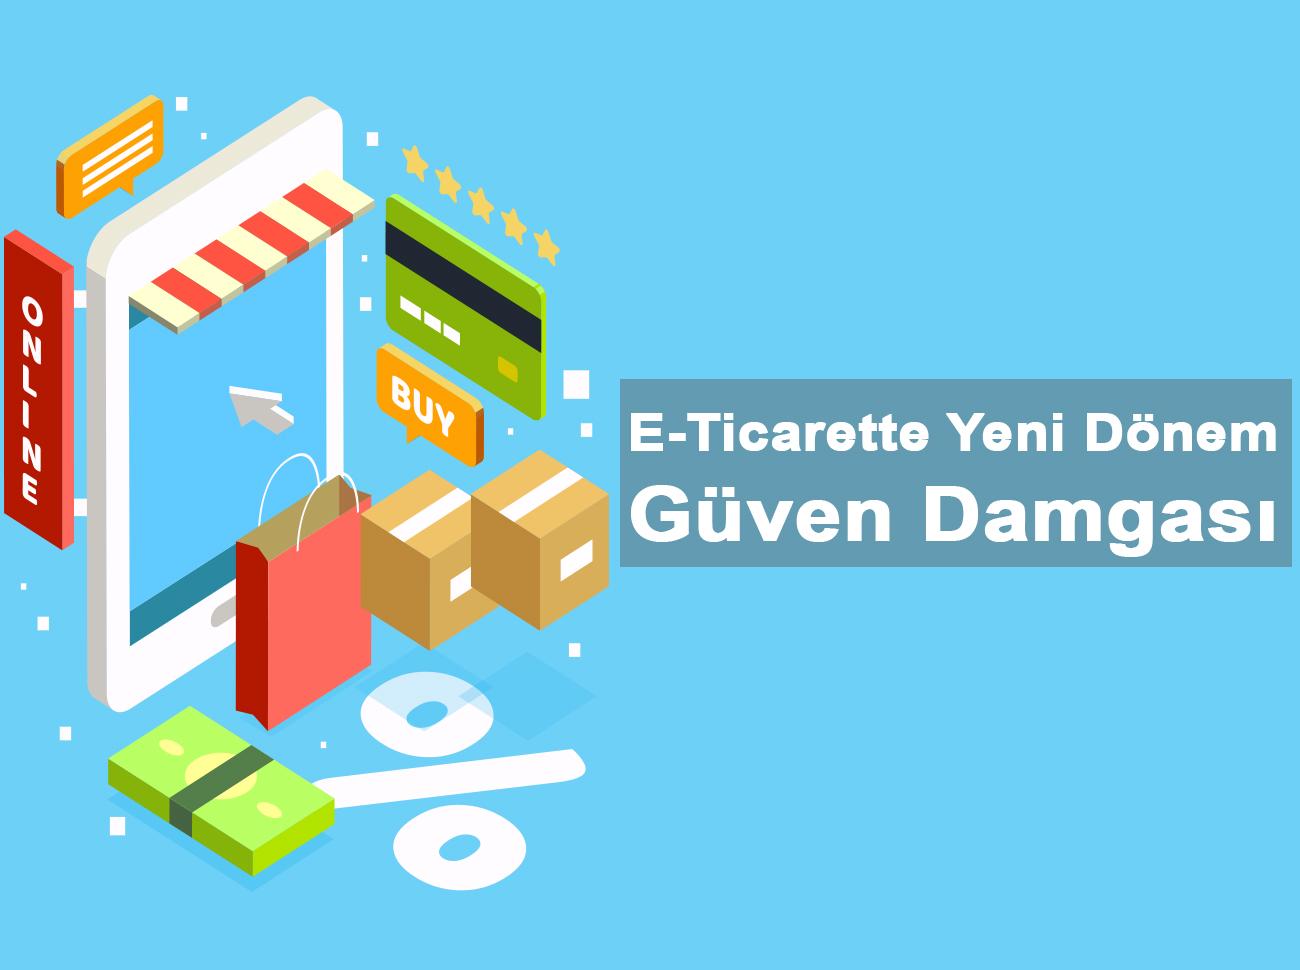 E-Ticaret Sitelerine Güven Damgası Geliyor